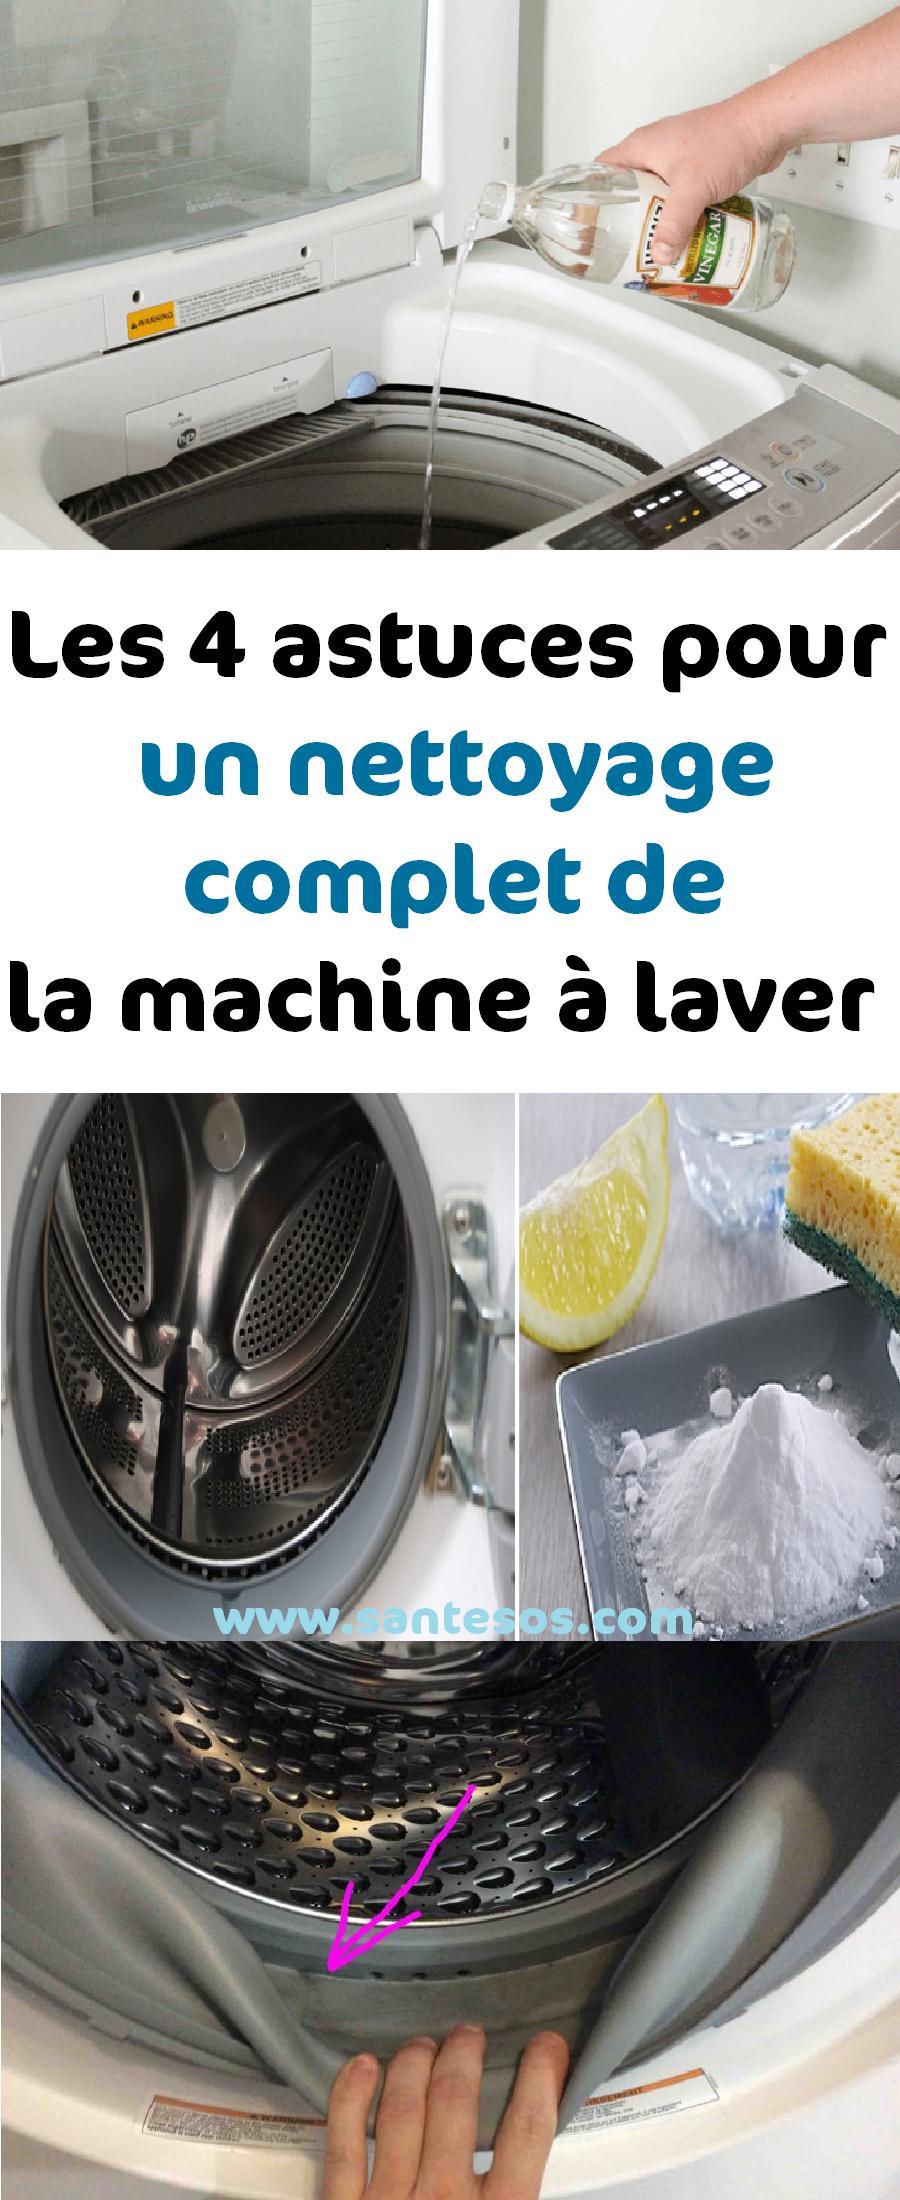 les 4 astuces pour un nettoyage complet de la machine à laver